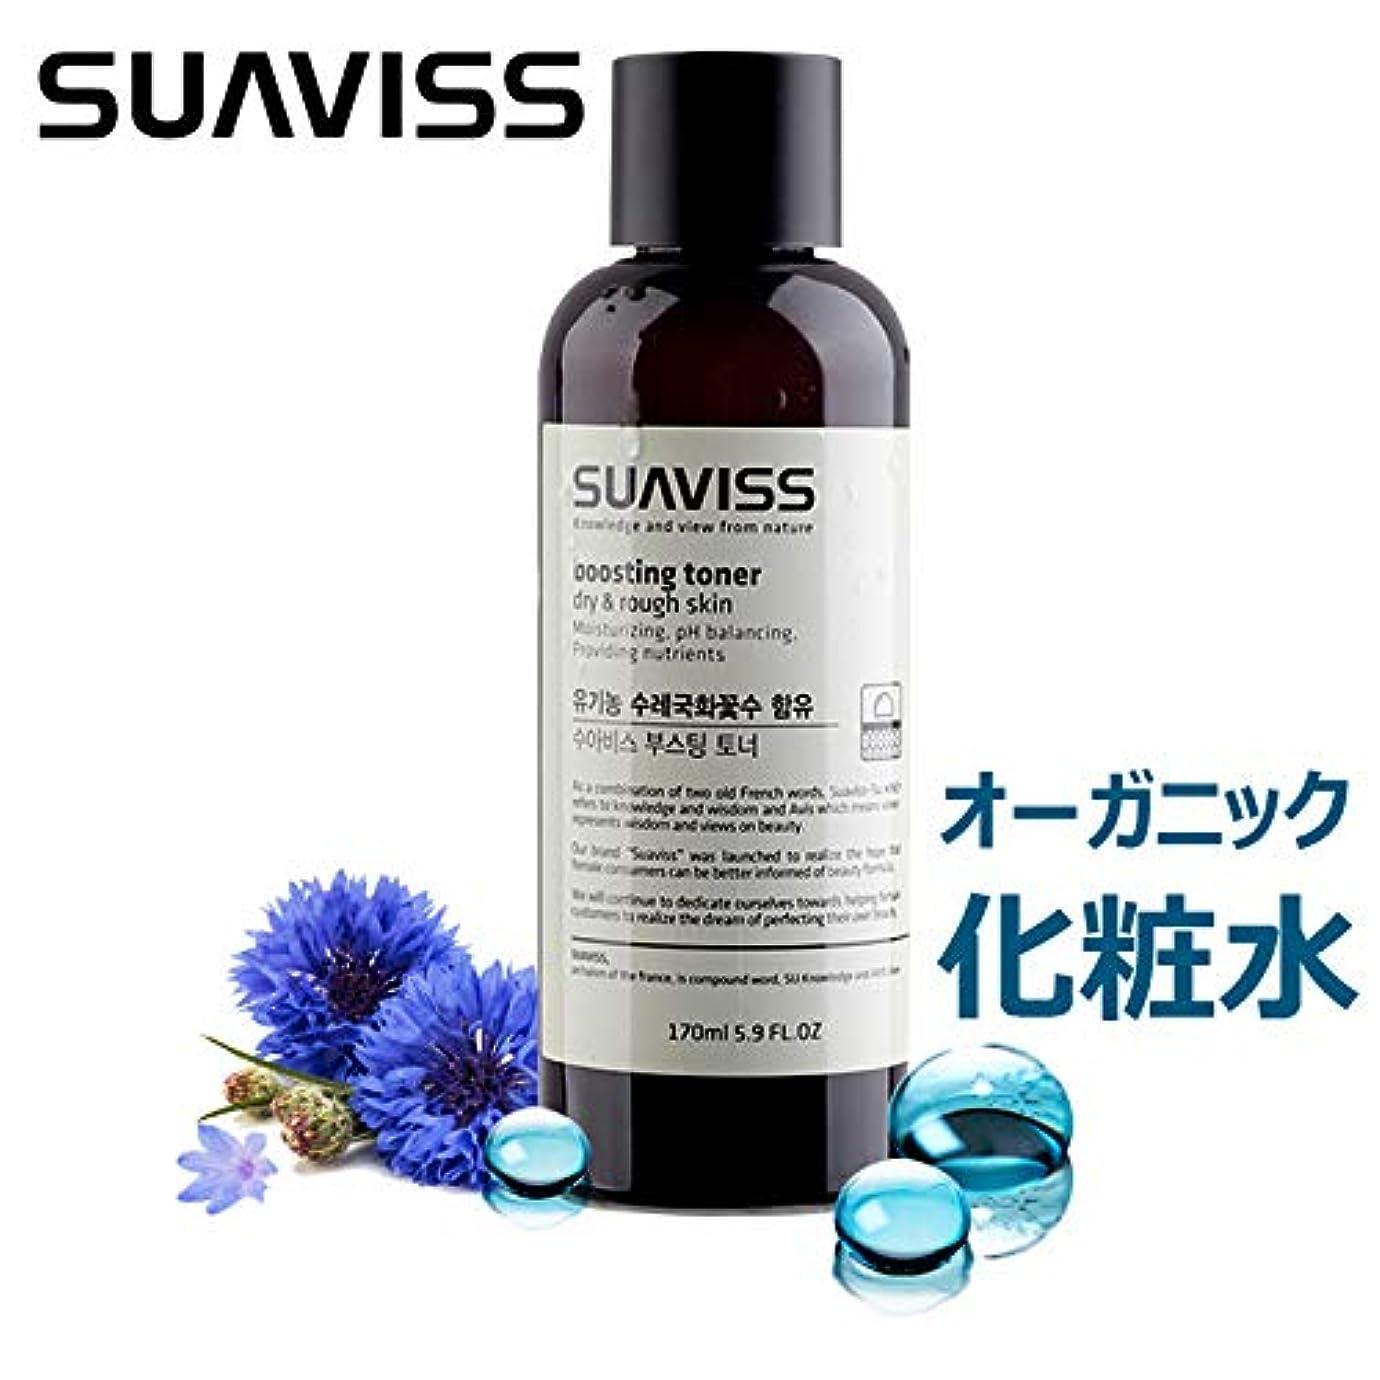 提供された砂炭水化物スアビス/ブースティング/化粧水 水分 供給 栄養 供給 オーガニック 化粧品 韓国コスメ 乾燥肌用